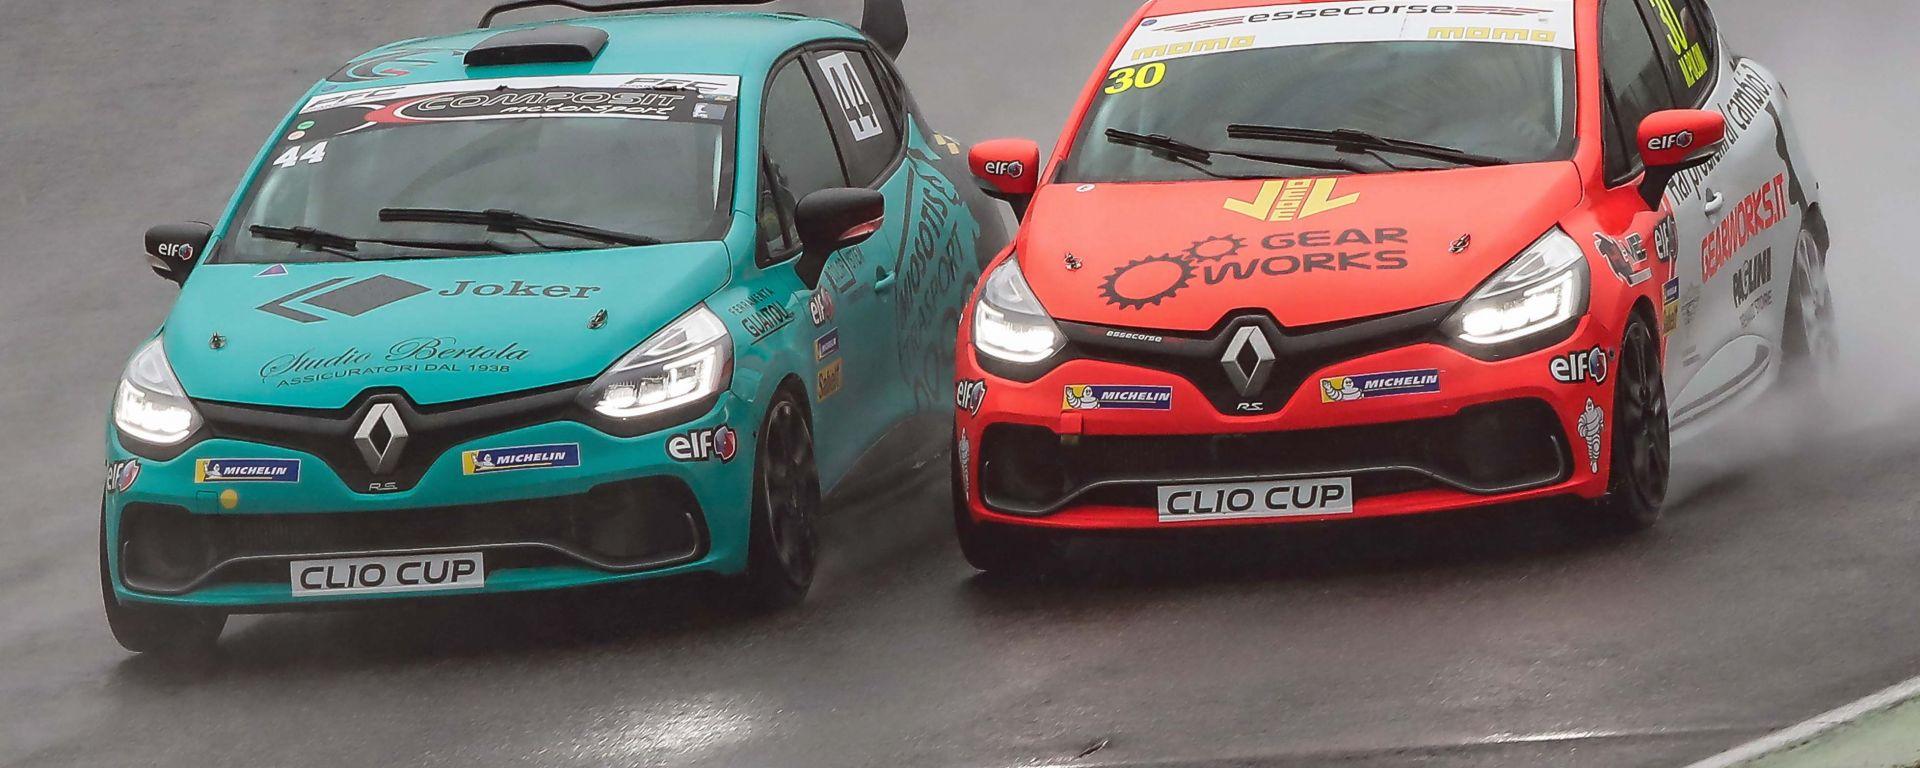 Clio Cup Italia 2019, Jelmini e Poloni in lotta